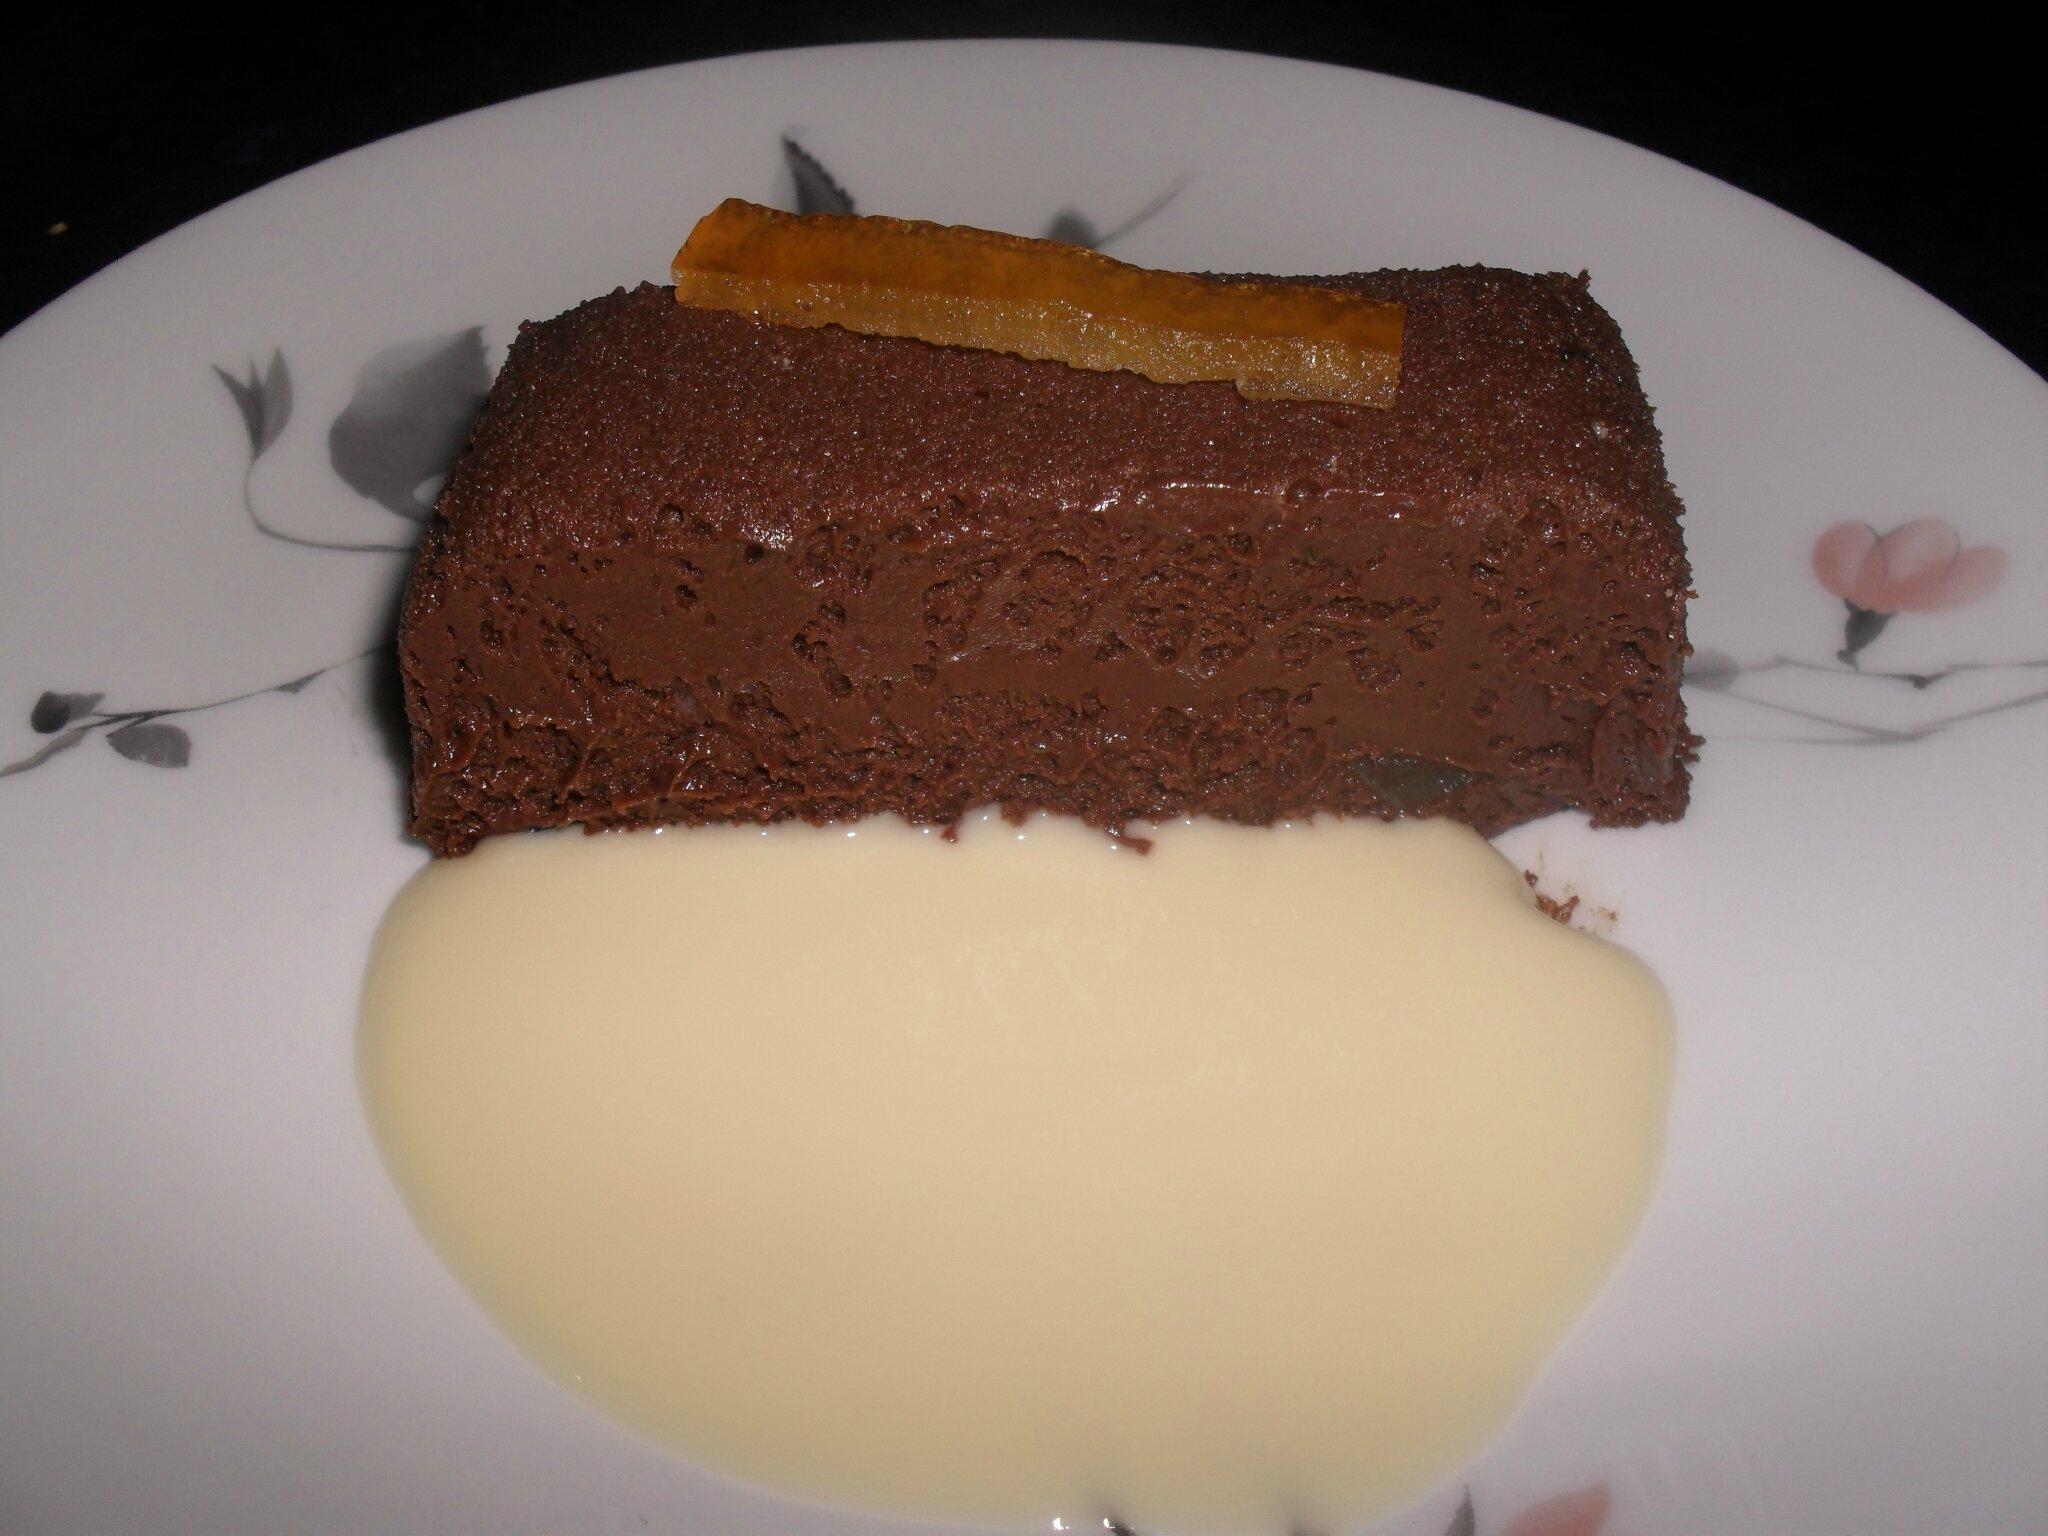 Gateau chocolat et ecorces d'oranges confites